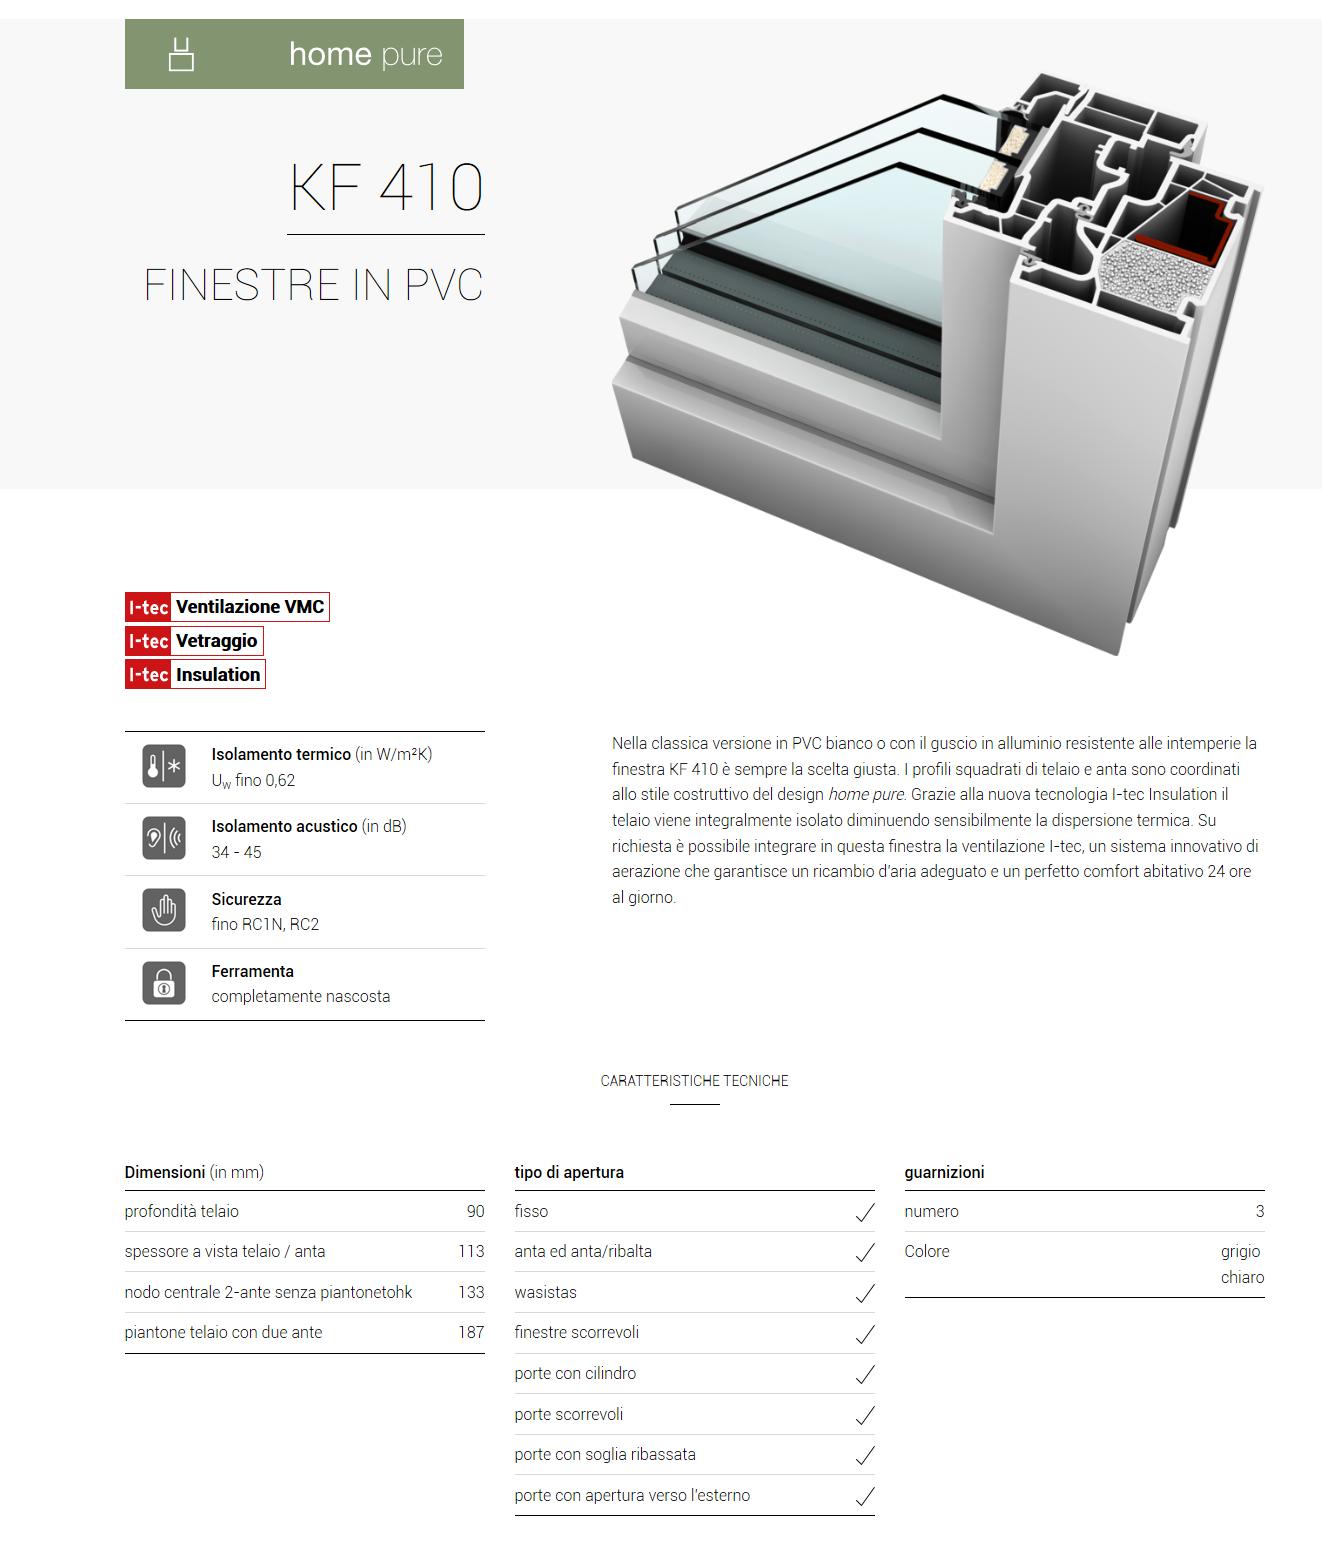 kf 410 pure